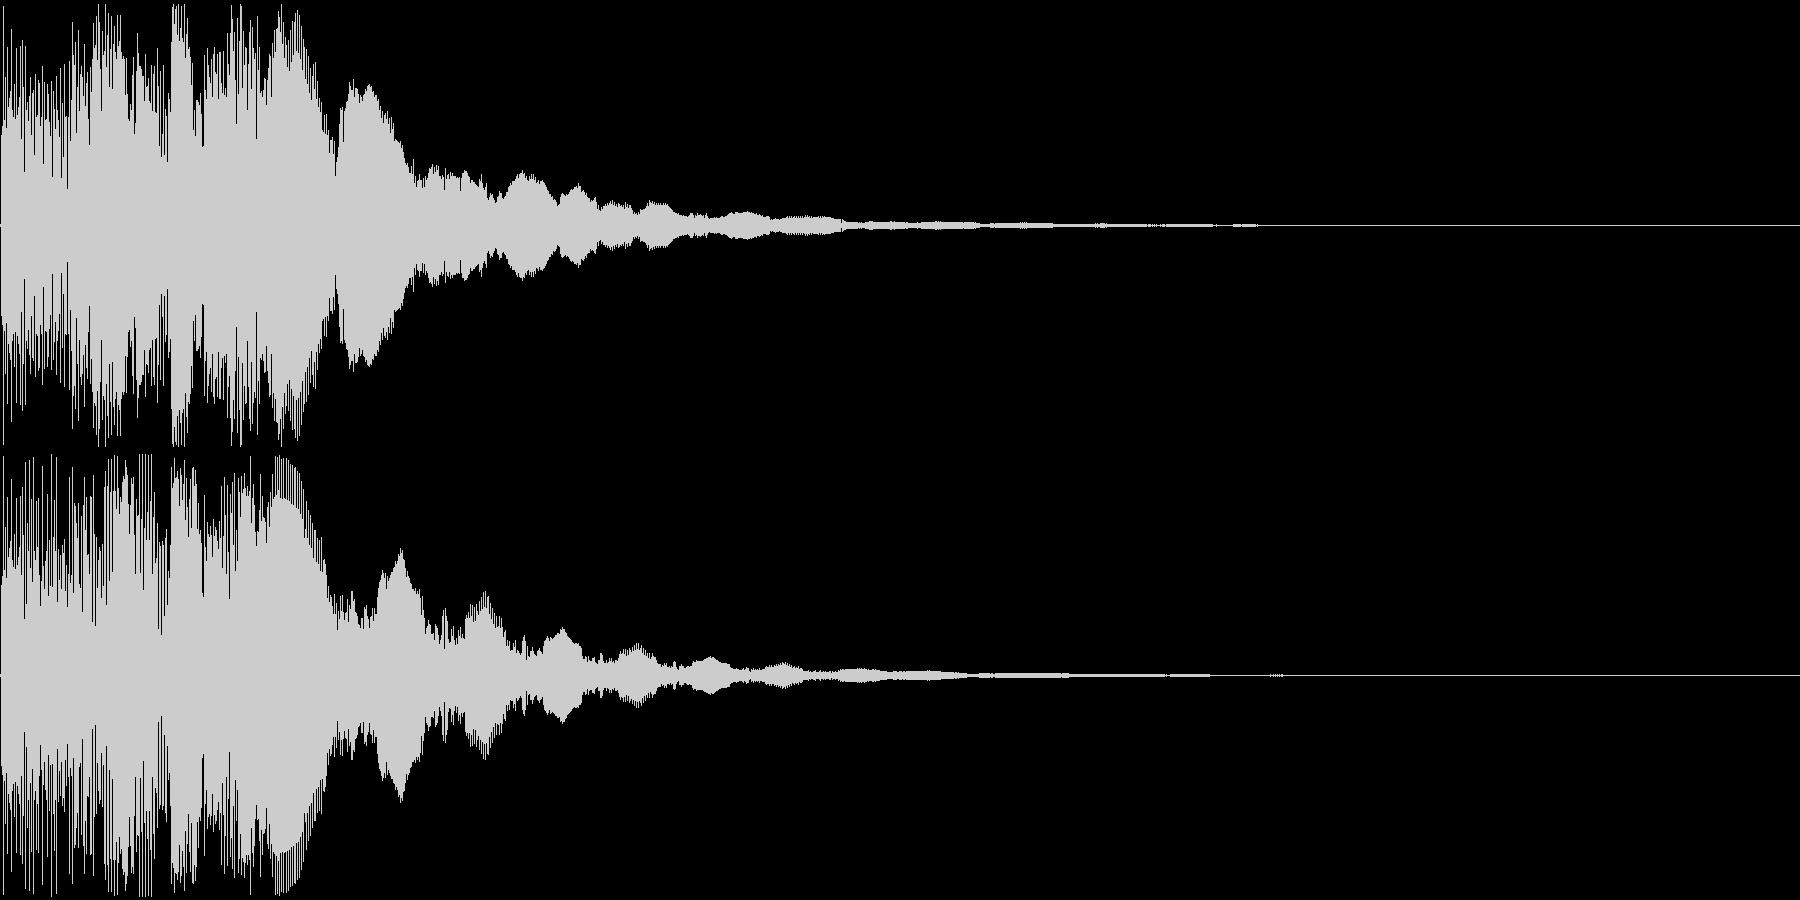 ピロロロロン(決定音)の未再生の波形